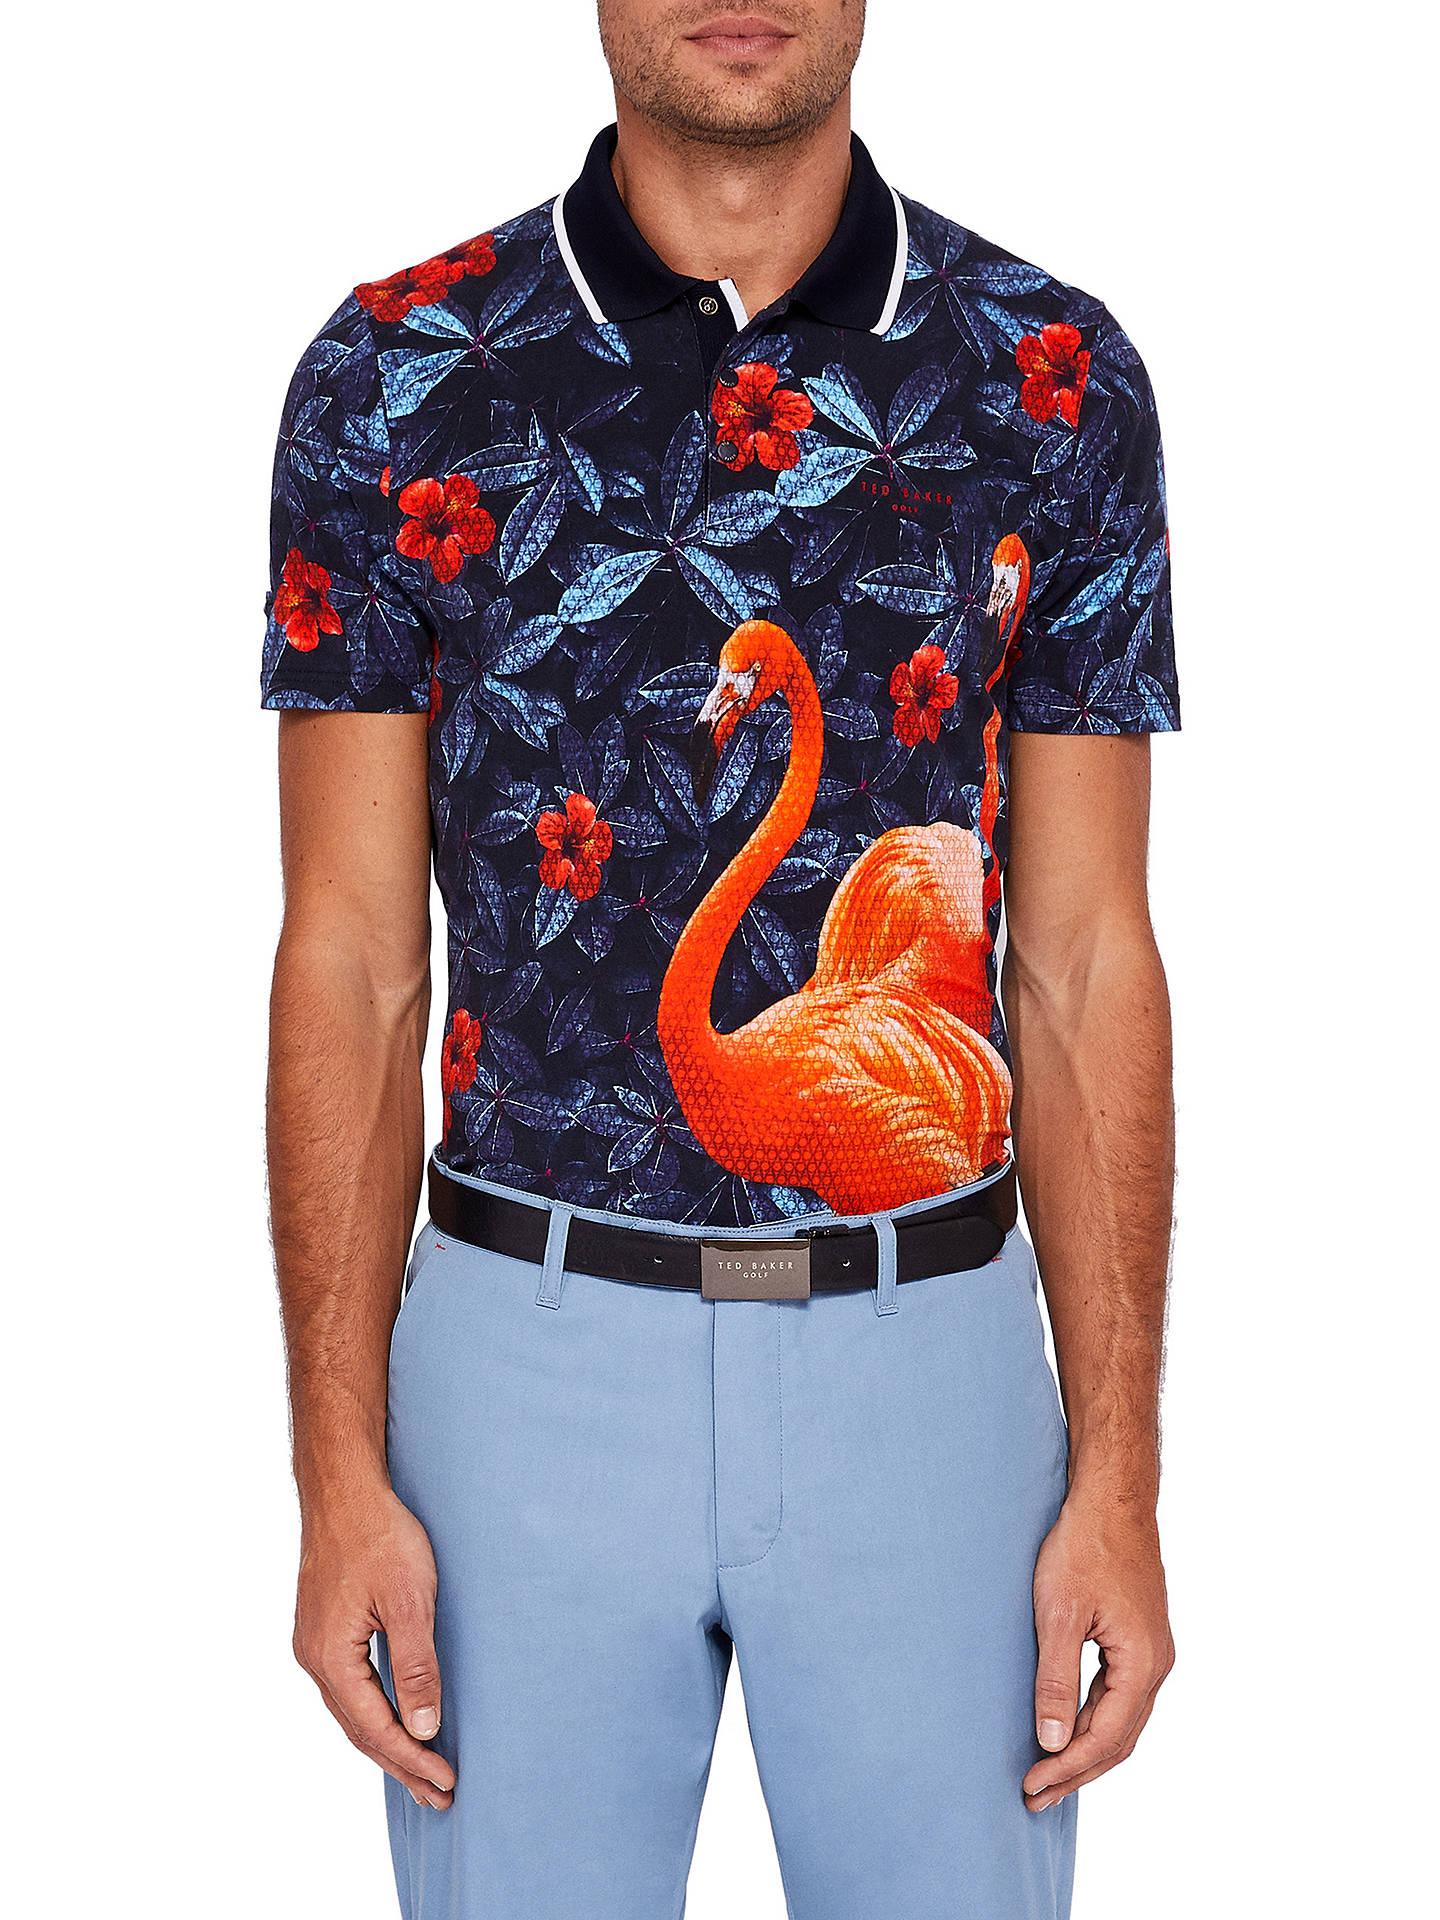 852e5cec0 Buy Ted Baker Golf Ballgo Short Sleeve Printed Polo Shirt